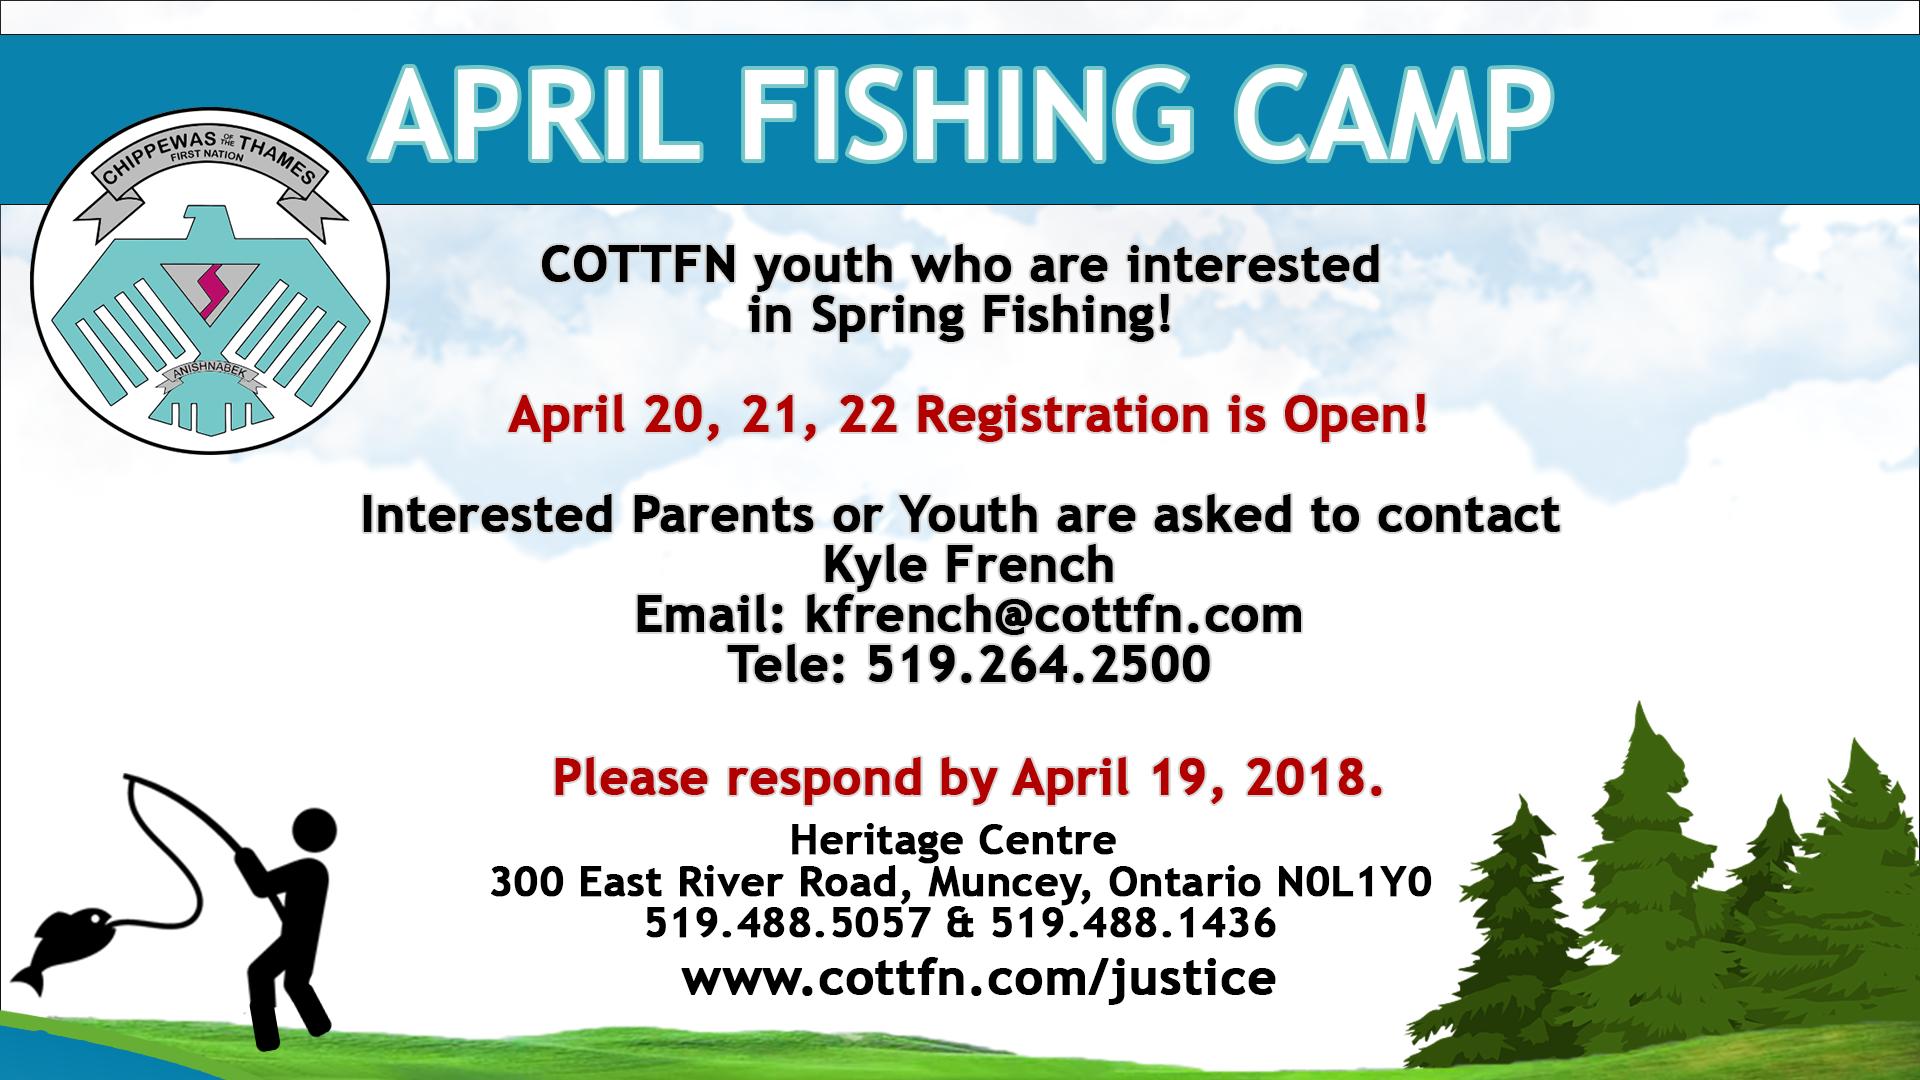 april-fishing-camp-20-21-22